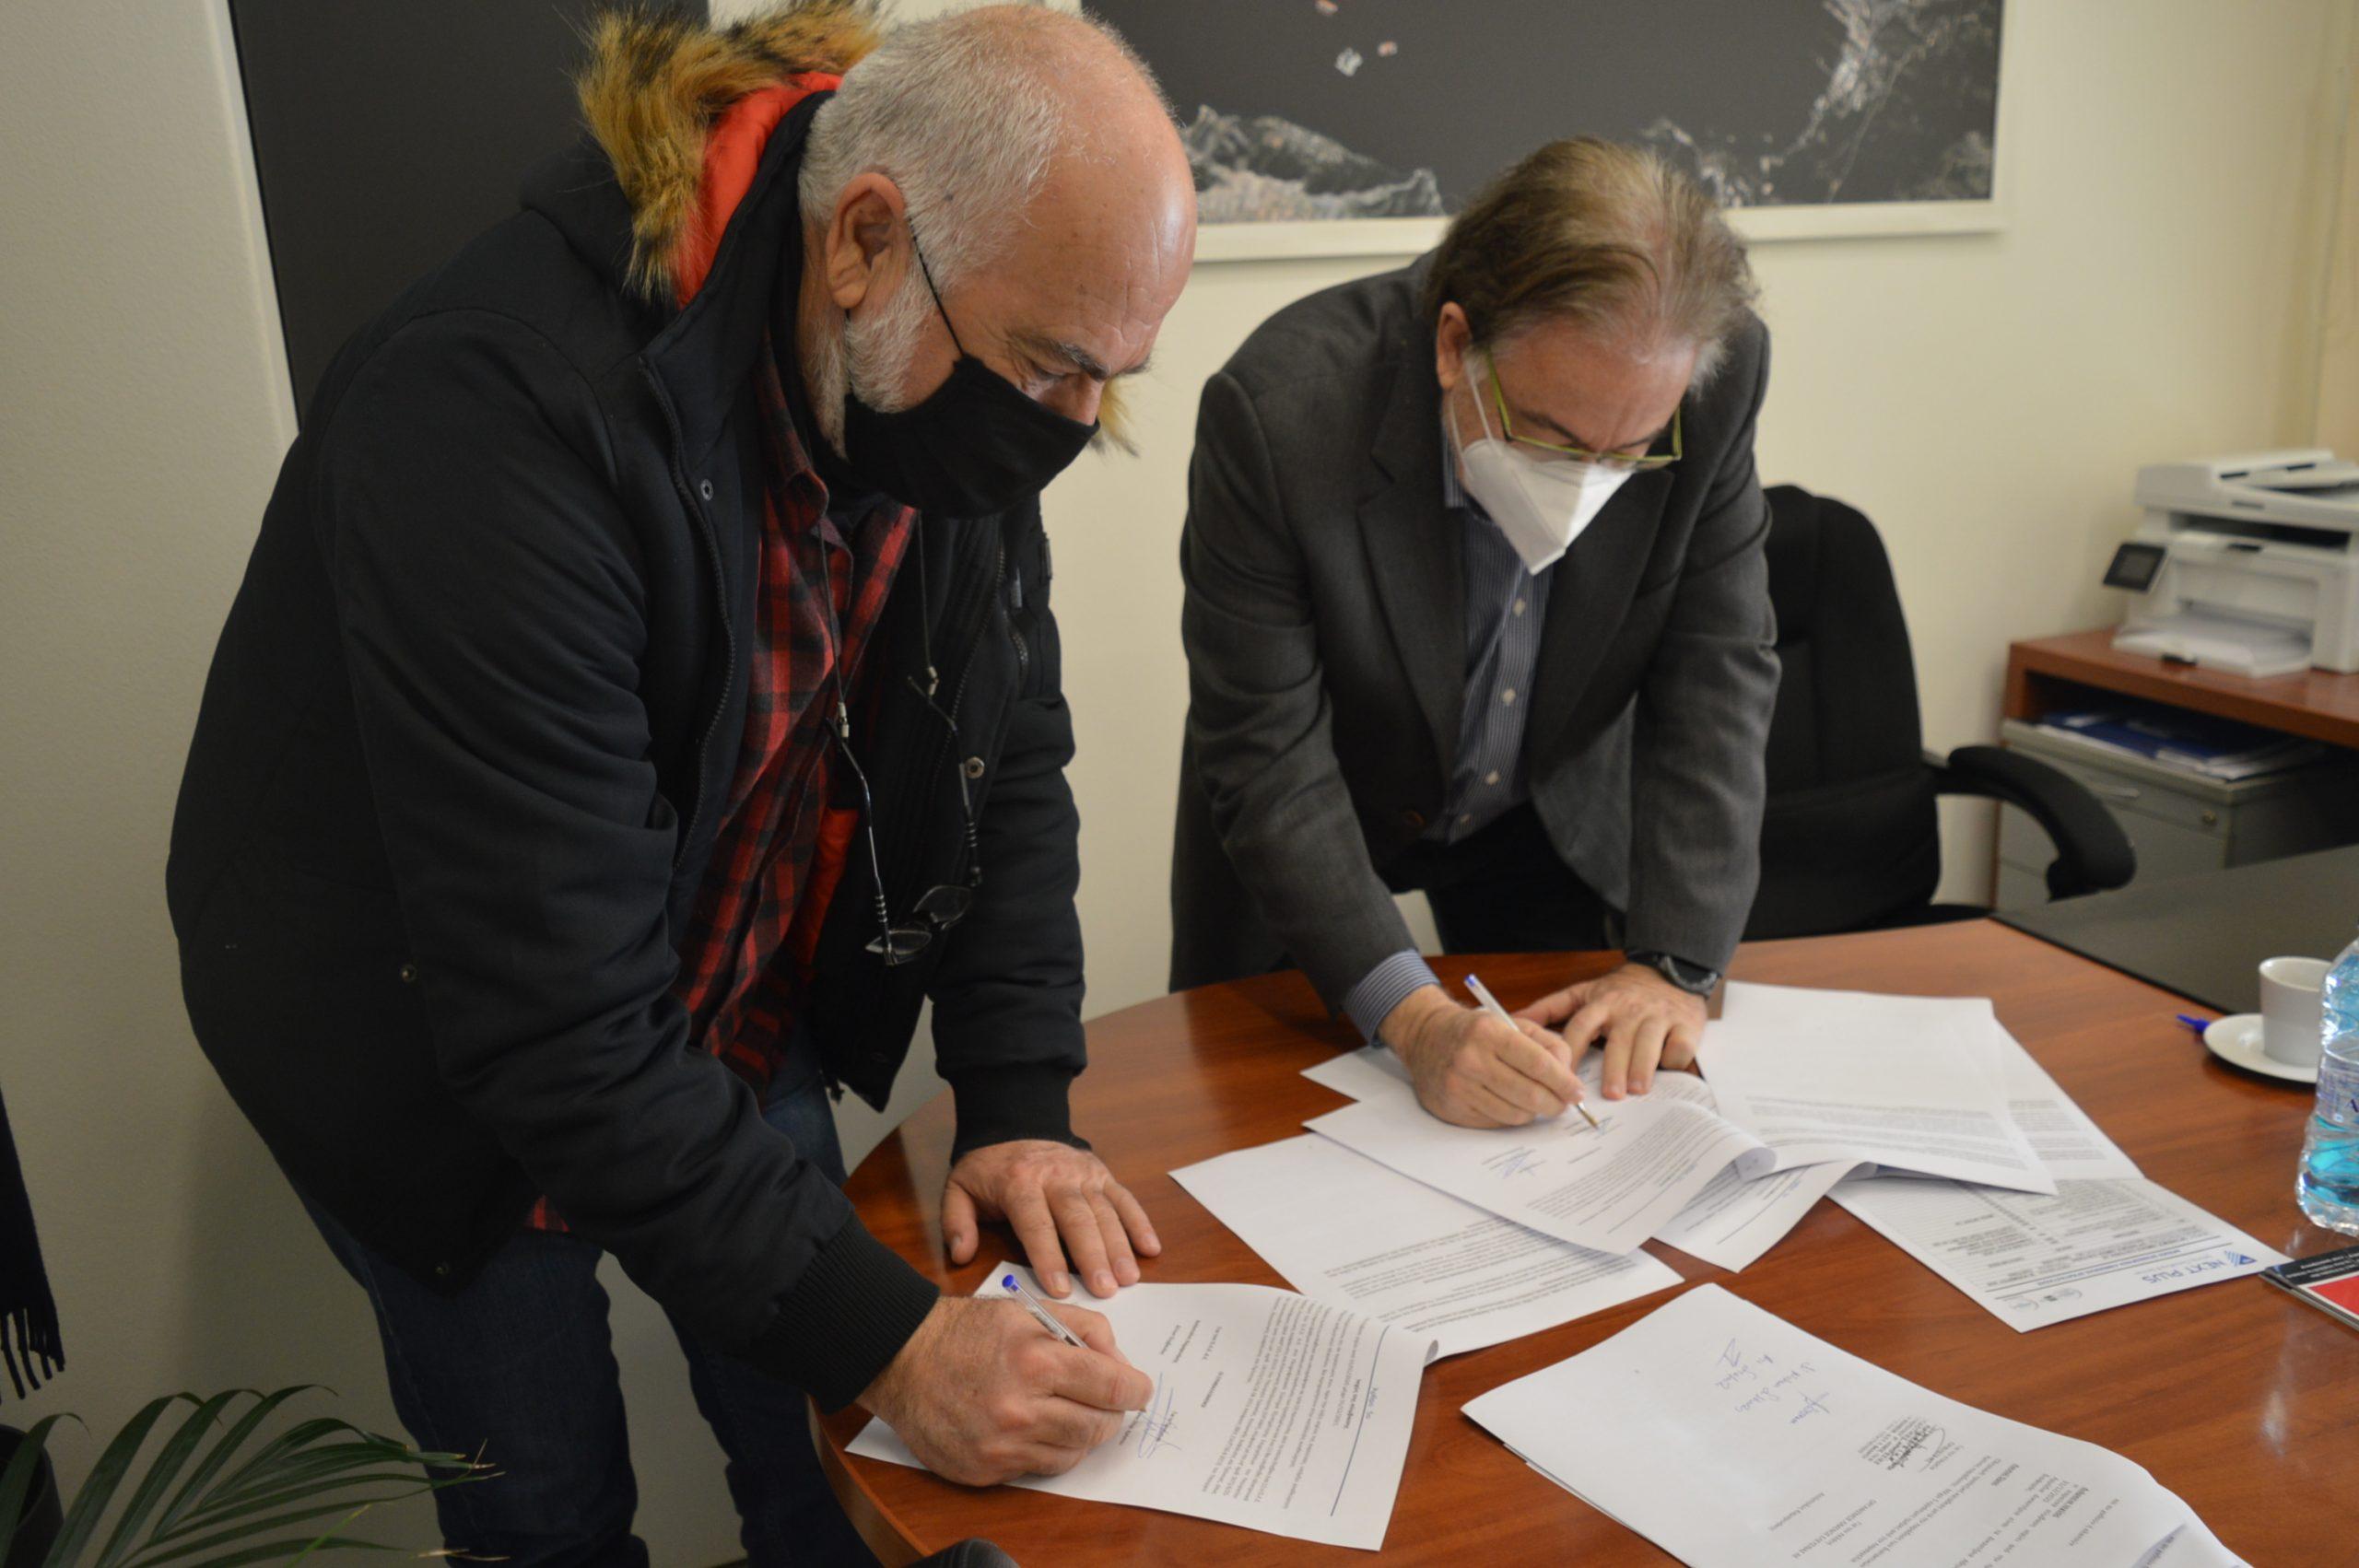 Υπογράφηκε η νέα Επιχειρησιακή Συλλογική Σύμβαση Εργασίας του υπαλληλικού προσωπικού στον Ο.Λ.Ε. ΑΕ